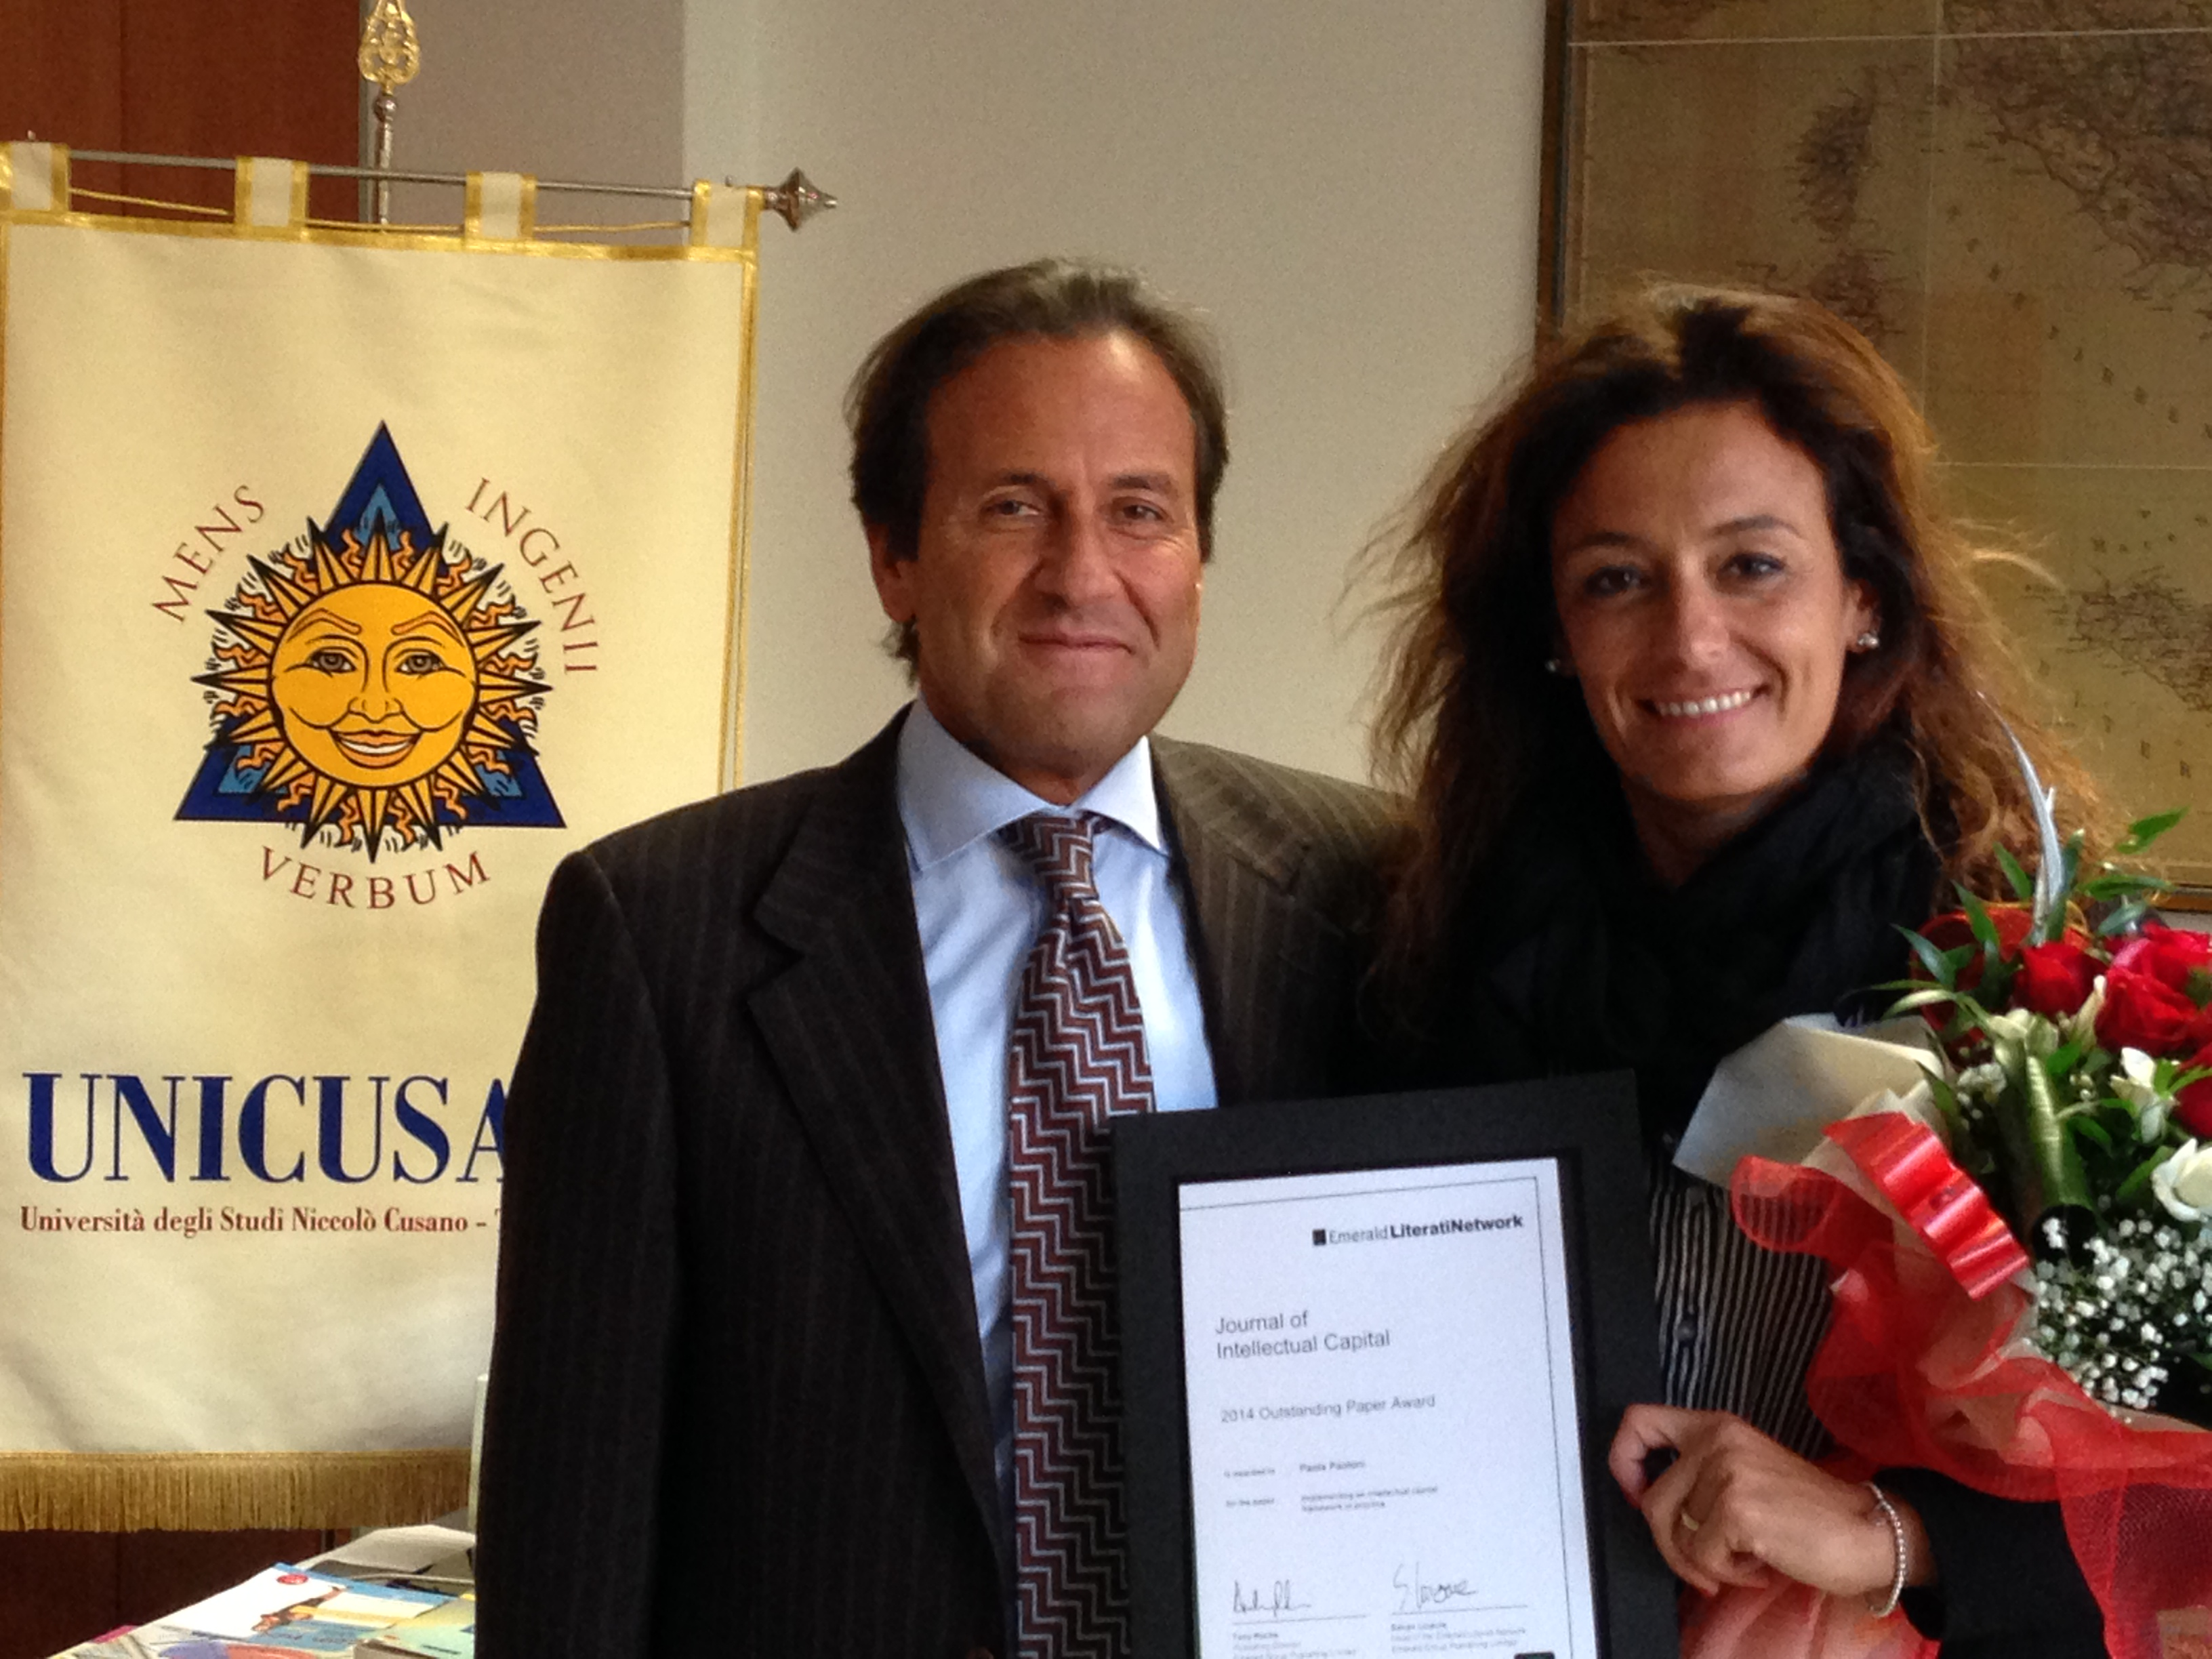 Professoressa Paoloni e il Rettore Fabio Fortuna